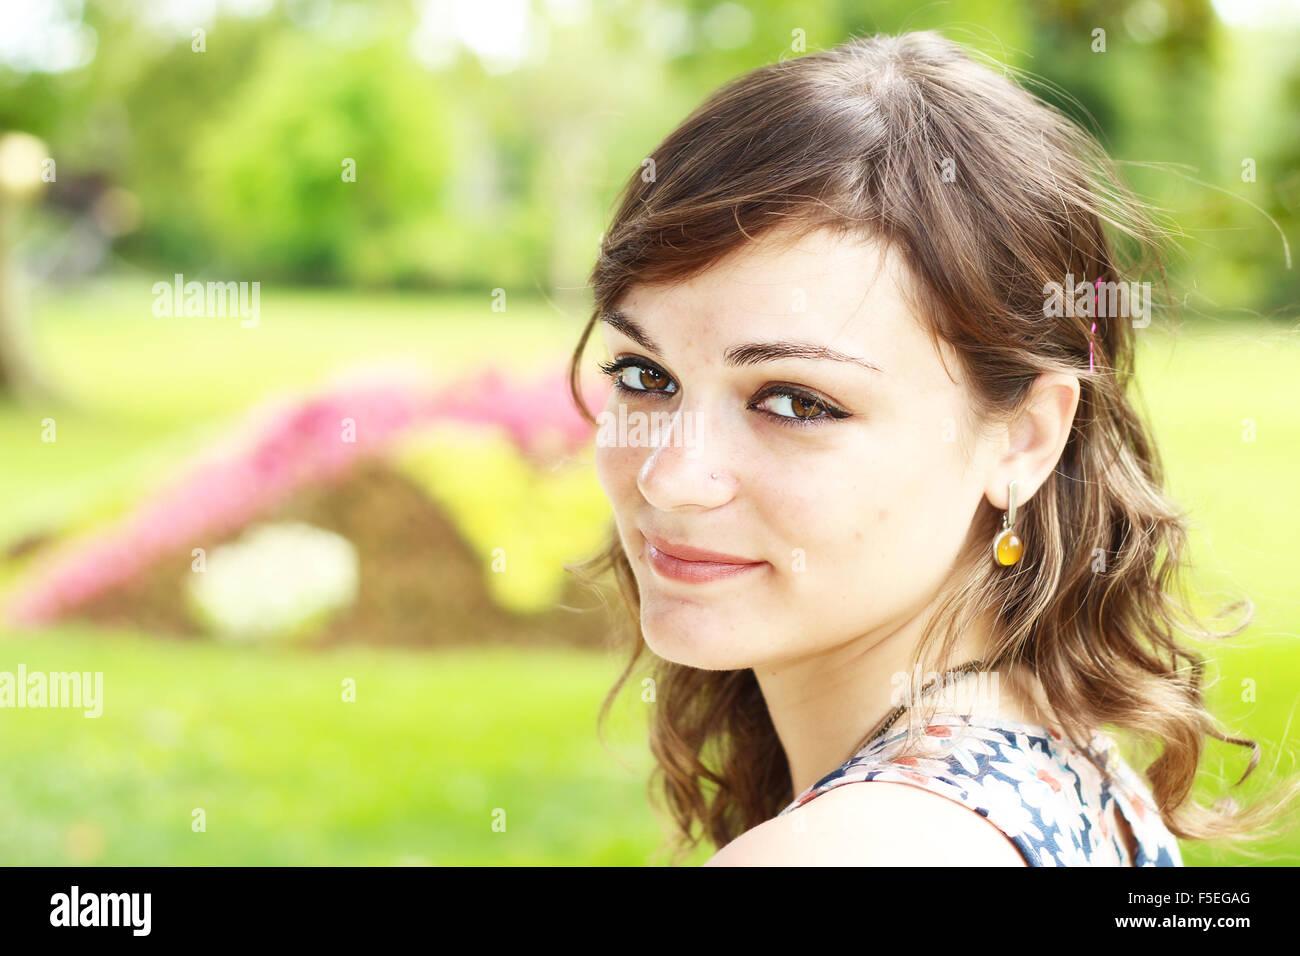 Retrato de una mujer sonriente Foto de stock